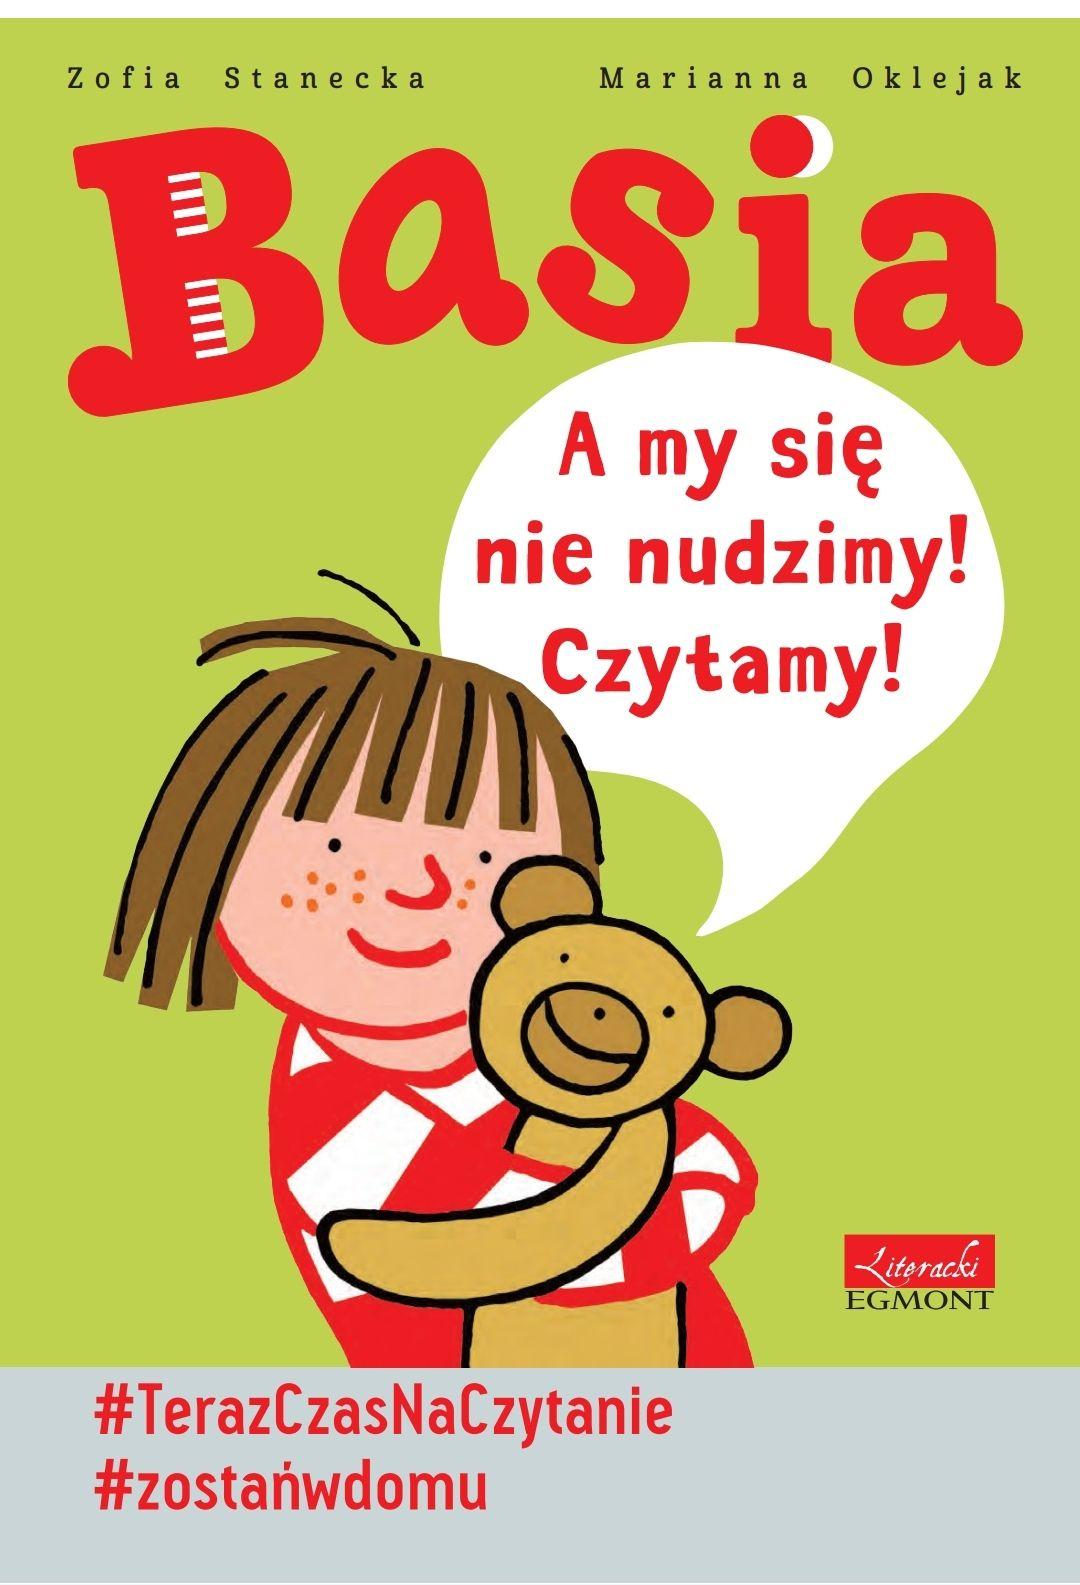 Egmont.pl materiały dla dzieci do pobrania